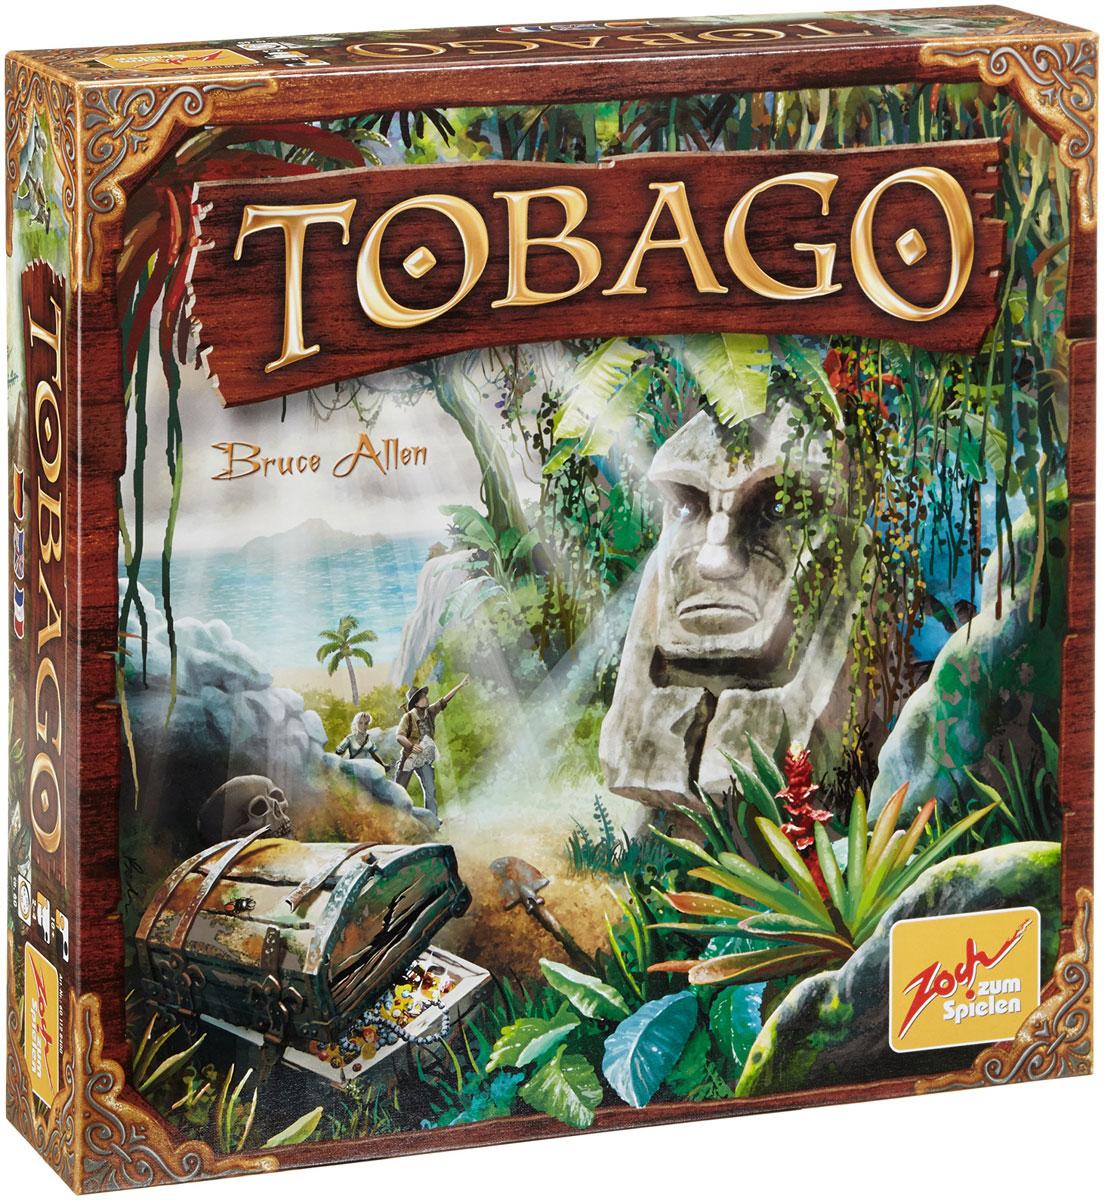 Zoch Настольная игра Тобаго4015682284002Тобаго - остров в Карибском бассейне неподалеку от берегов Венесуэлы. А где Карибы, там и пираты, ну а где пираты там их бесчисленные сундуки с награбленным добром. Присоединяйтесь к бесстрашным кладоискателям, отважившимся бросить вызов целому острову полному несметных сокровищ. Цель настольной игры Zoch Тобаго - стать самым успешным кладоискателем, накопив к концу игры больше всех золотых монет. Только хороший расчет, правильные подсказки, ну и конечно, немного удачи, принесут вам победу в этой полной приключений игре. Безусловно, одной из главных изюминок игры является механика поиска клада. Дело в том, что точного места, где спрятан клад, нет, и вам самим, из кусочков старых карт сокровищ предстоит установить его местонахождение. Клад может оказаться где угодно: на берегу океана, под одинокой пальмой в горах, в деревне аборигенов или даже на дне самого глубокого озера! Каждый игрок может добавить свою улику к одному из рядов подсказок. Главное, чтобы она сужала область...